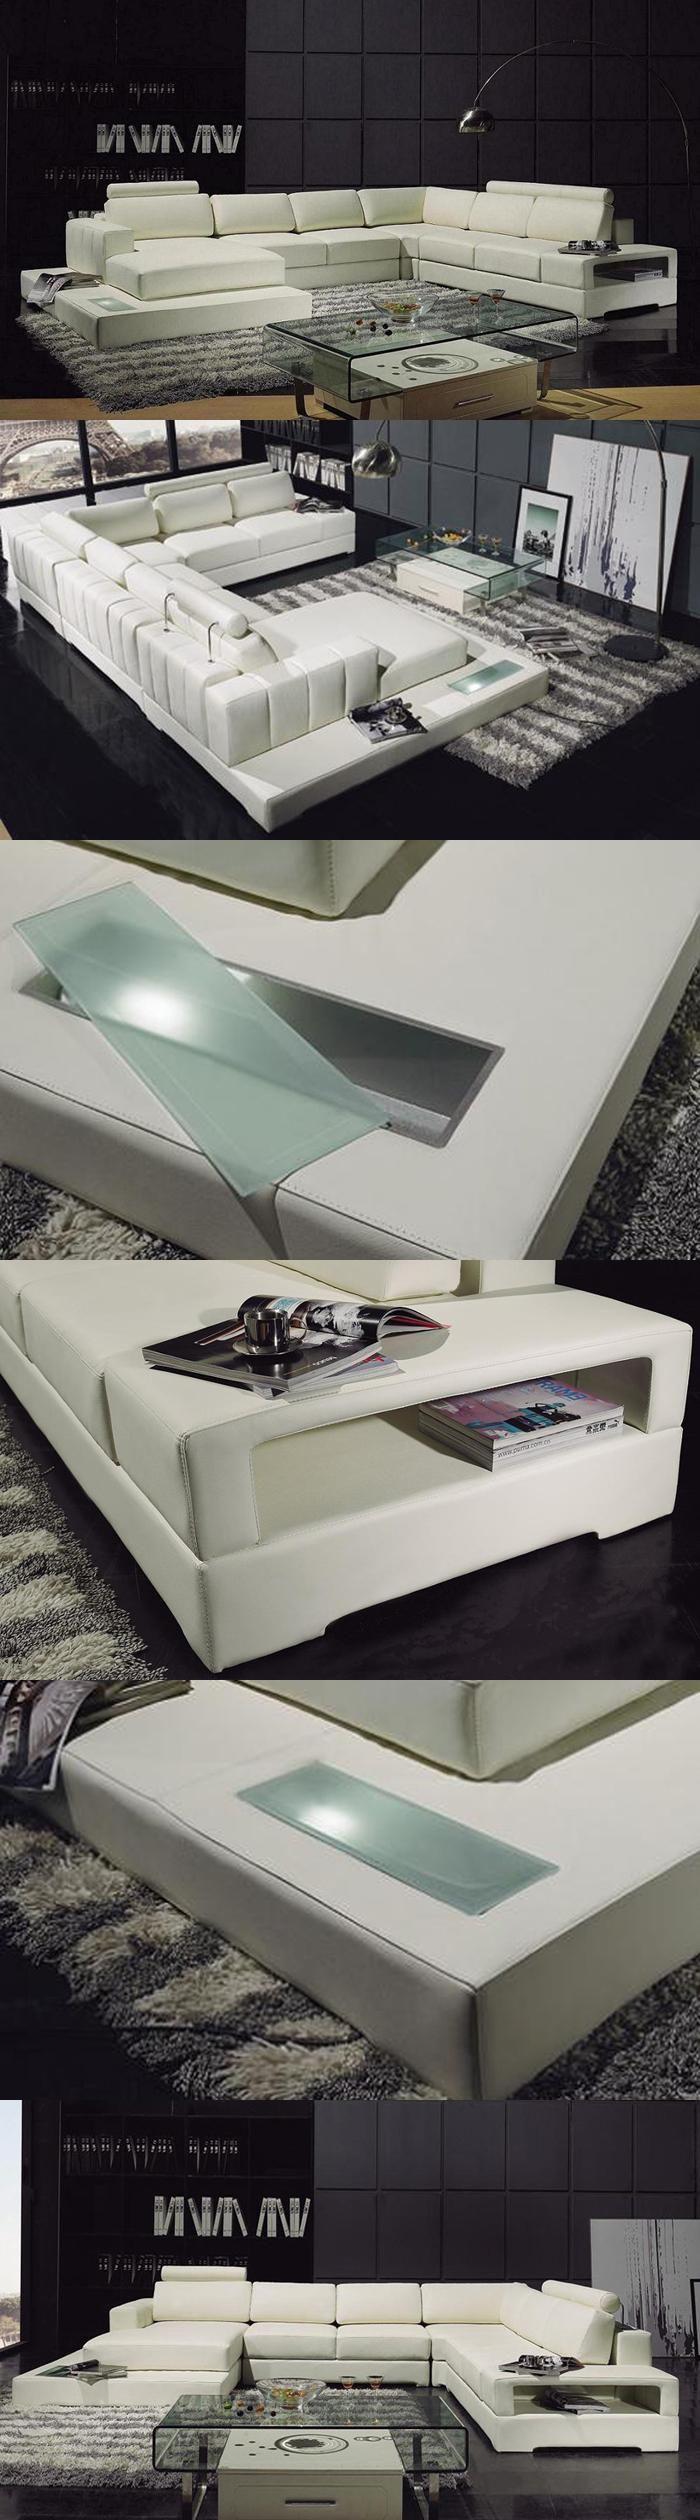 15 best bar furniture images on pinterest